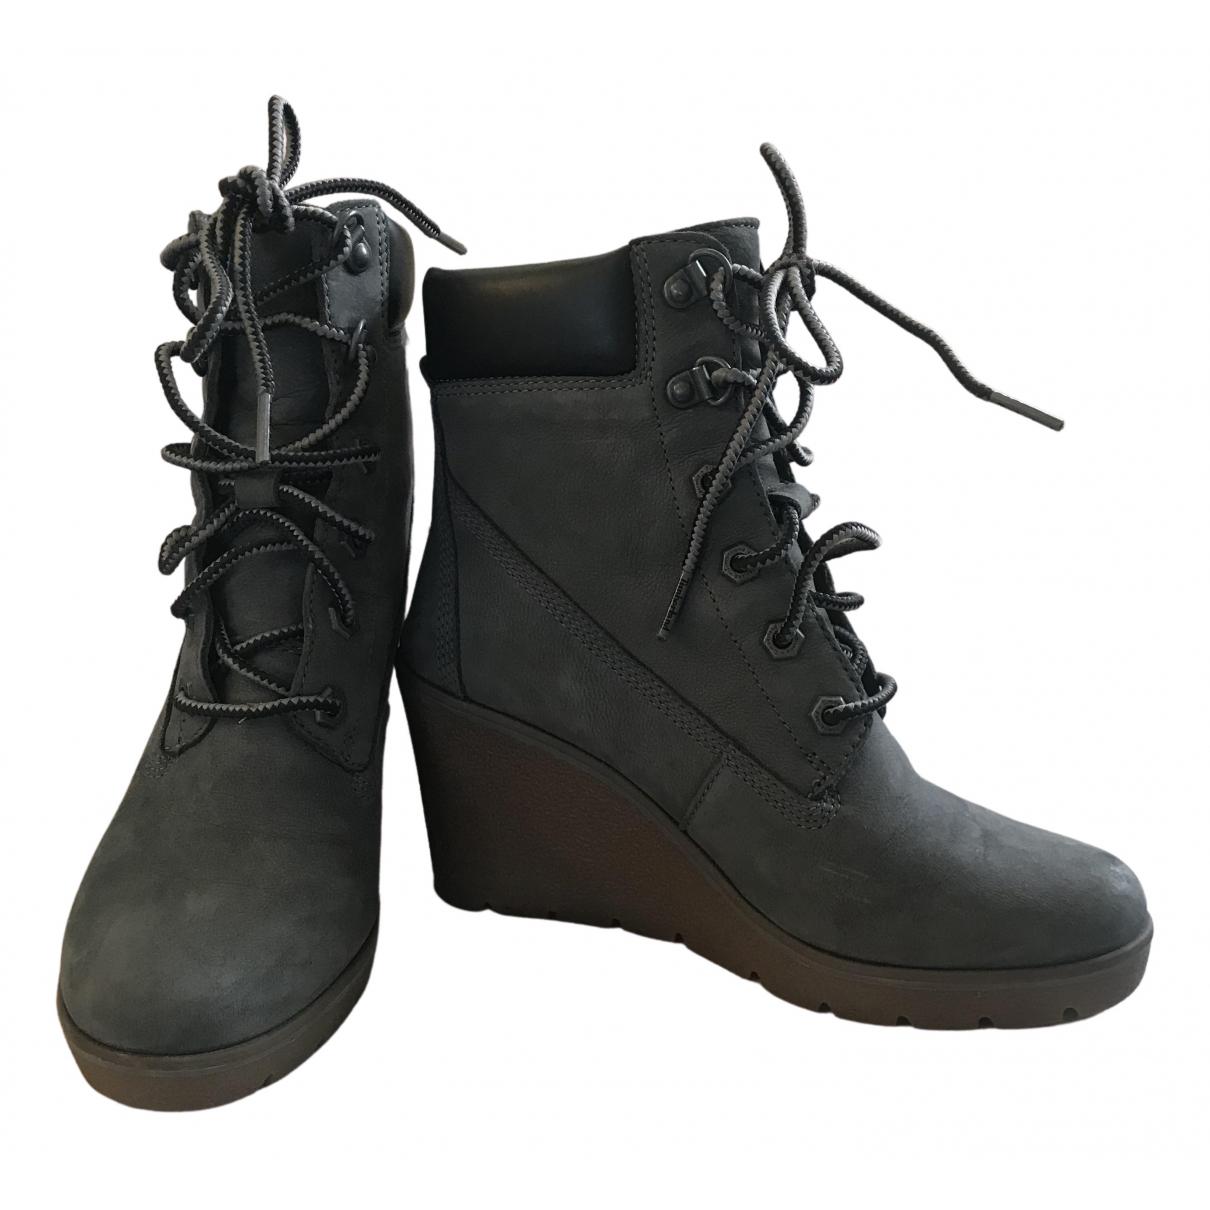 Timberland - Boots   pour femme en suede - gris